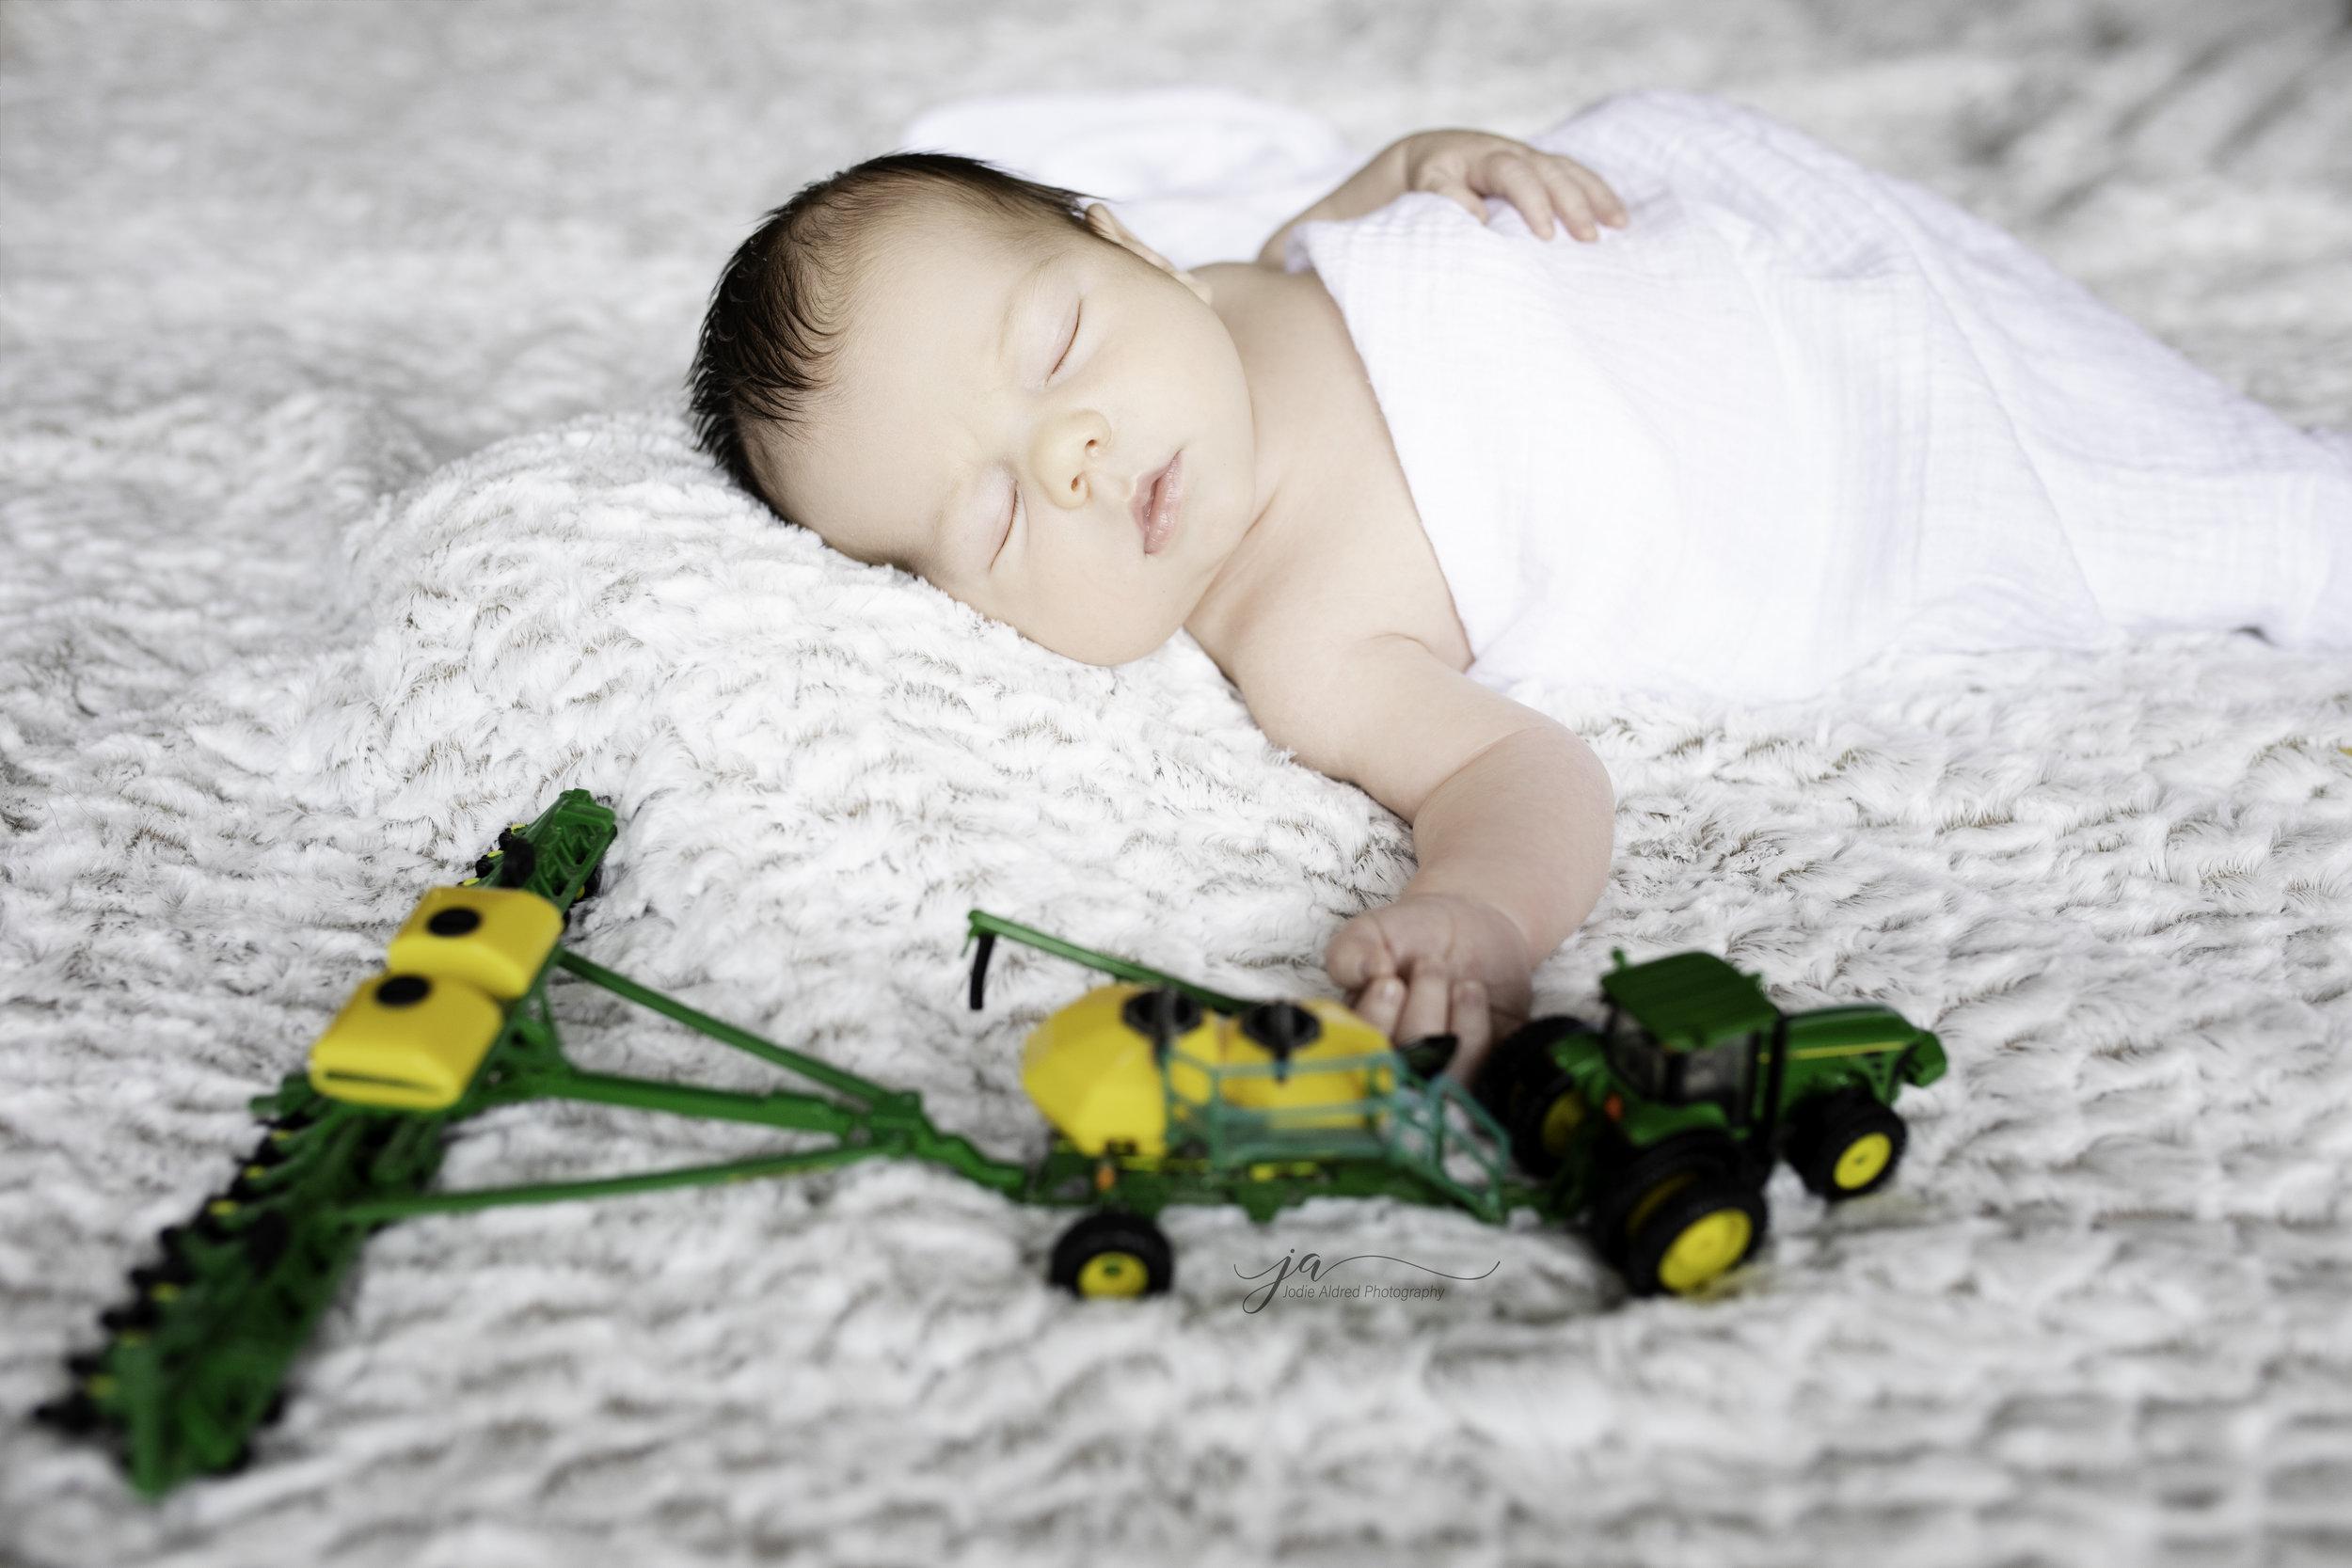 Farmer-John-Deere-Newborn-Baby-Boy-Tractor.jpg